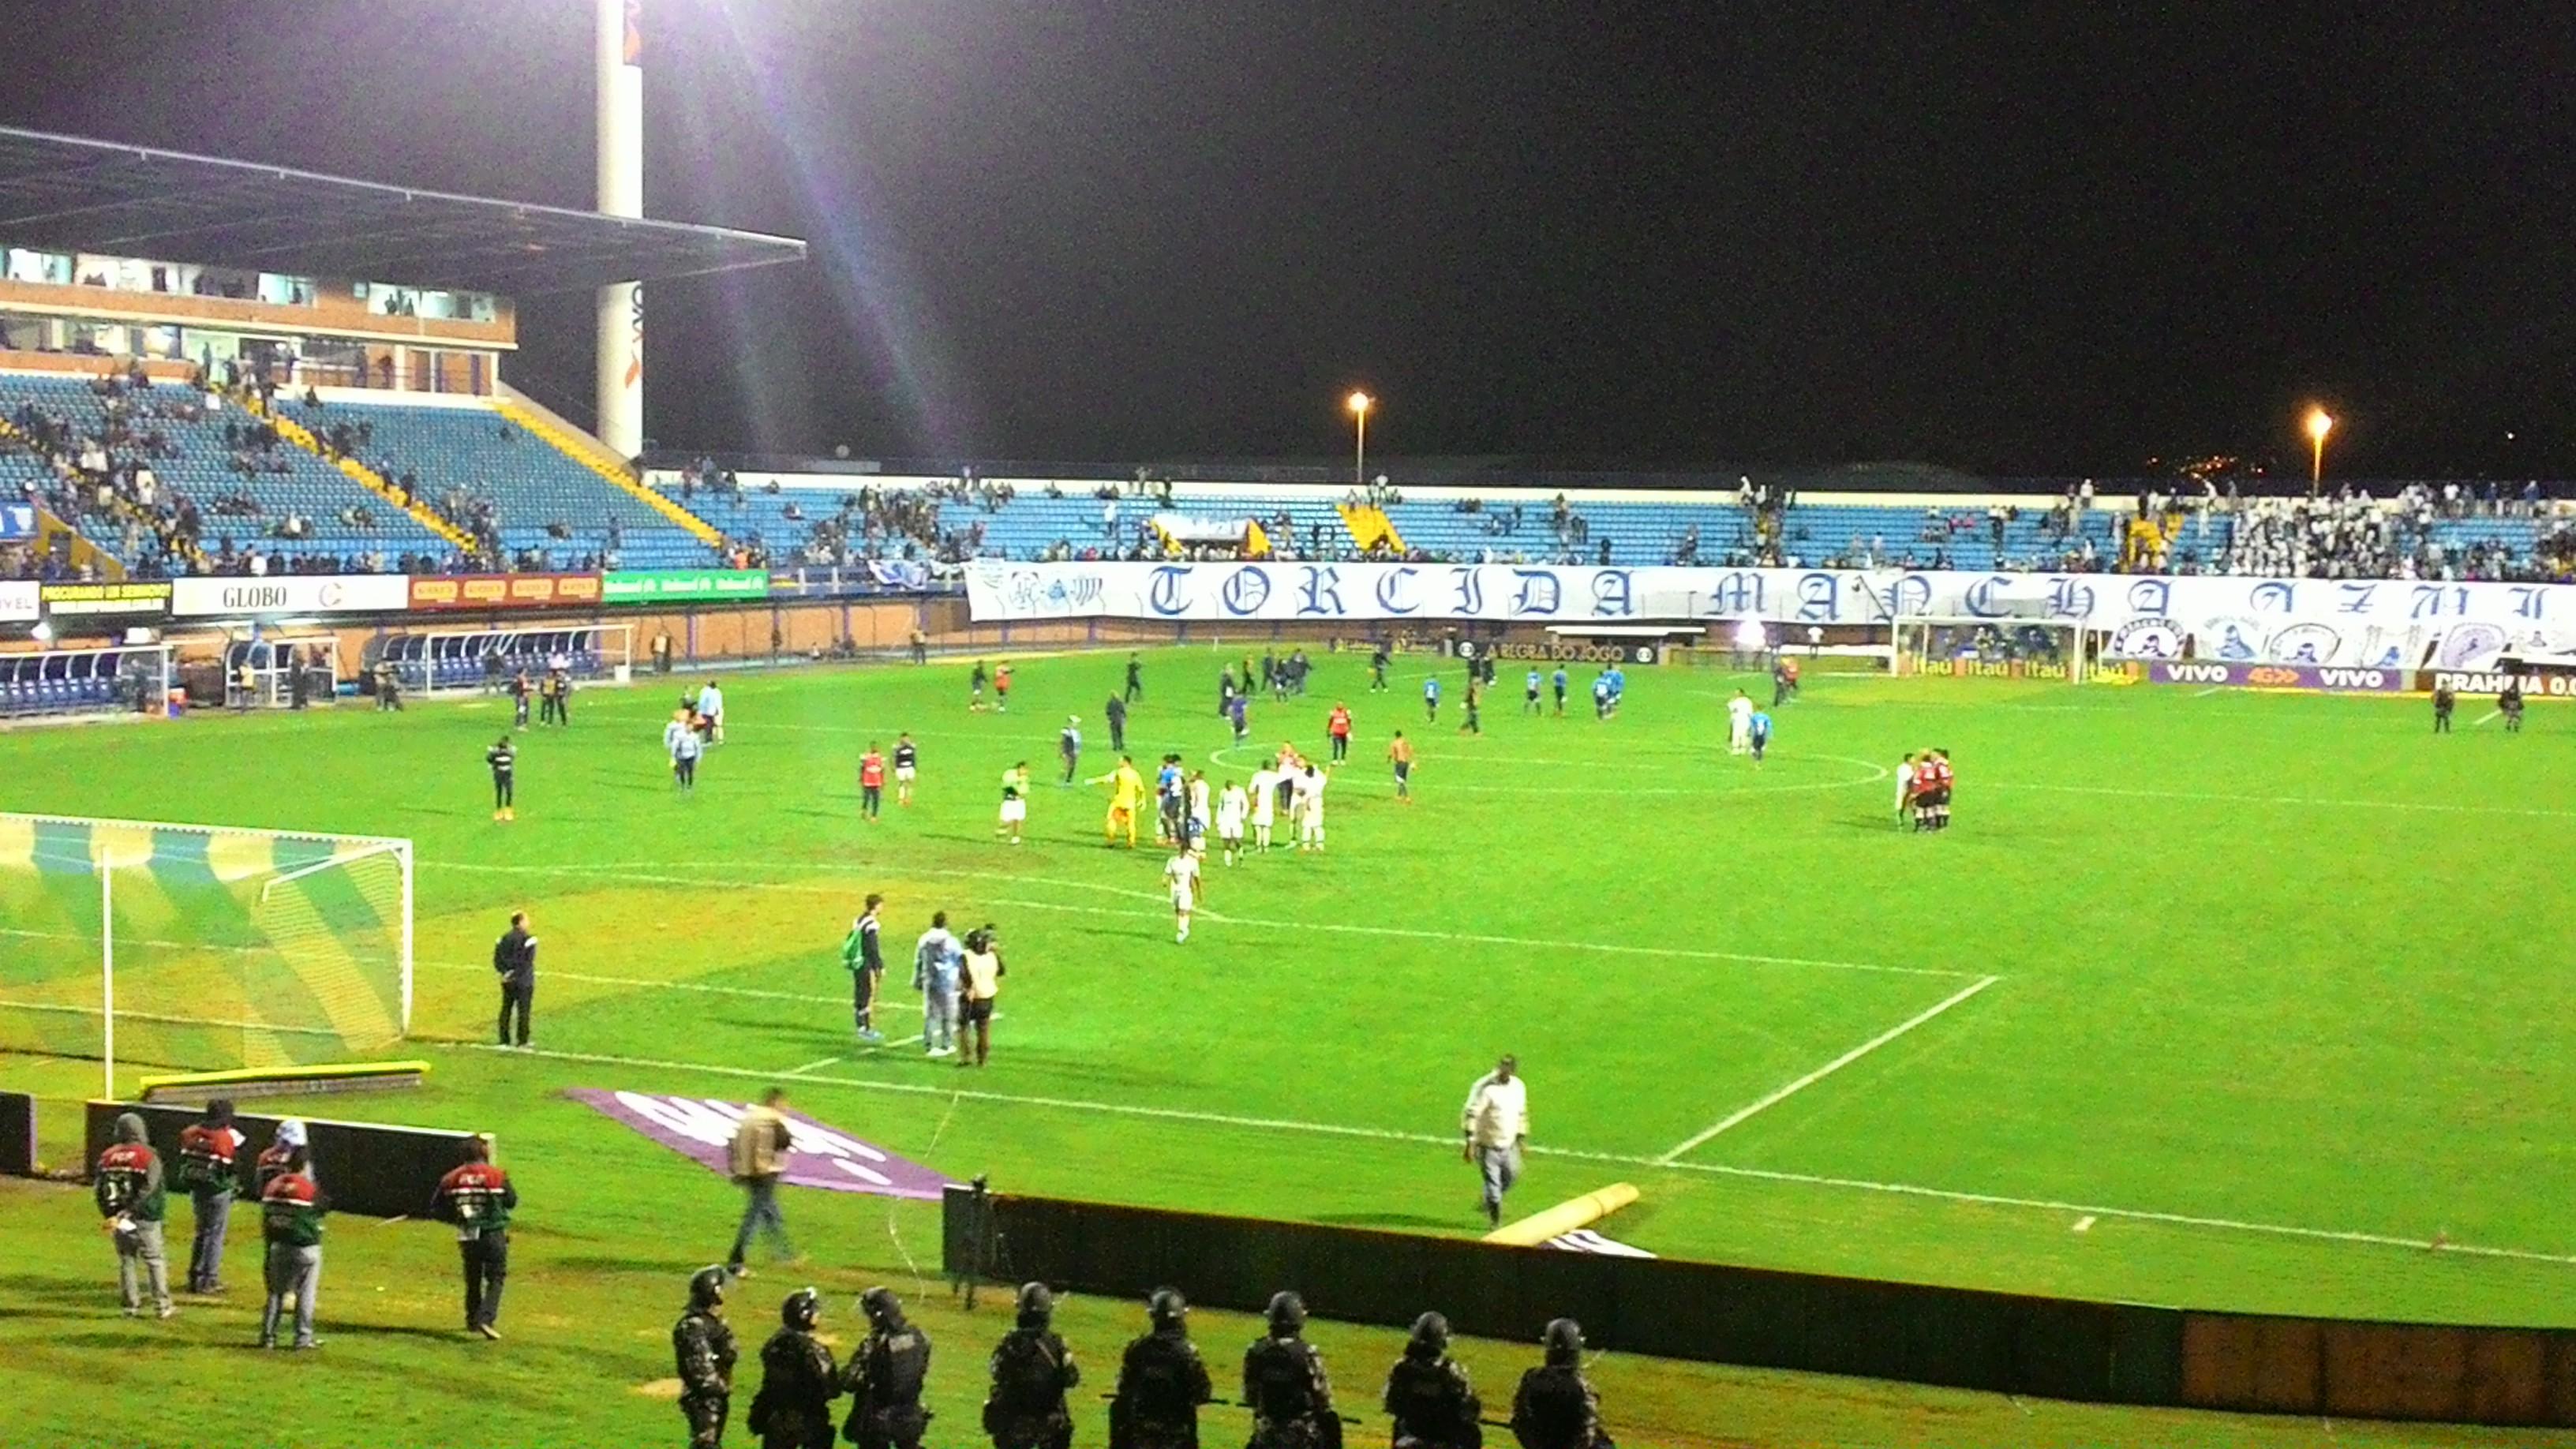 2015 Sociedade Esportiva Palmeiras season - Wikipedia e377cfdaabc1e